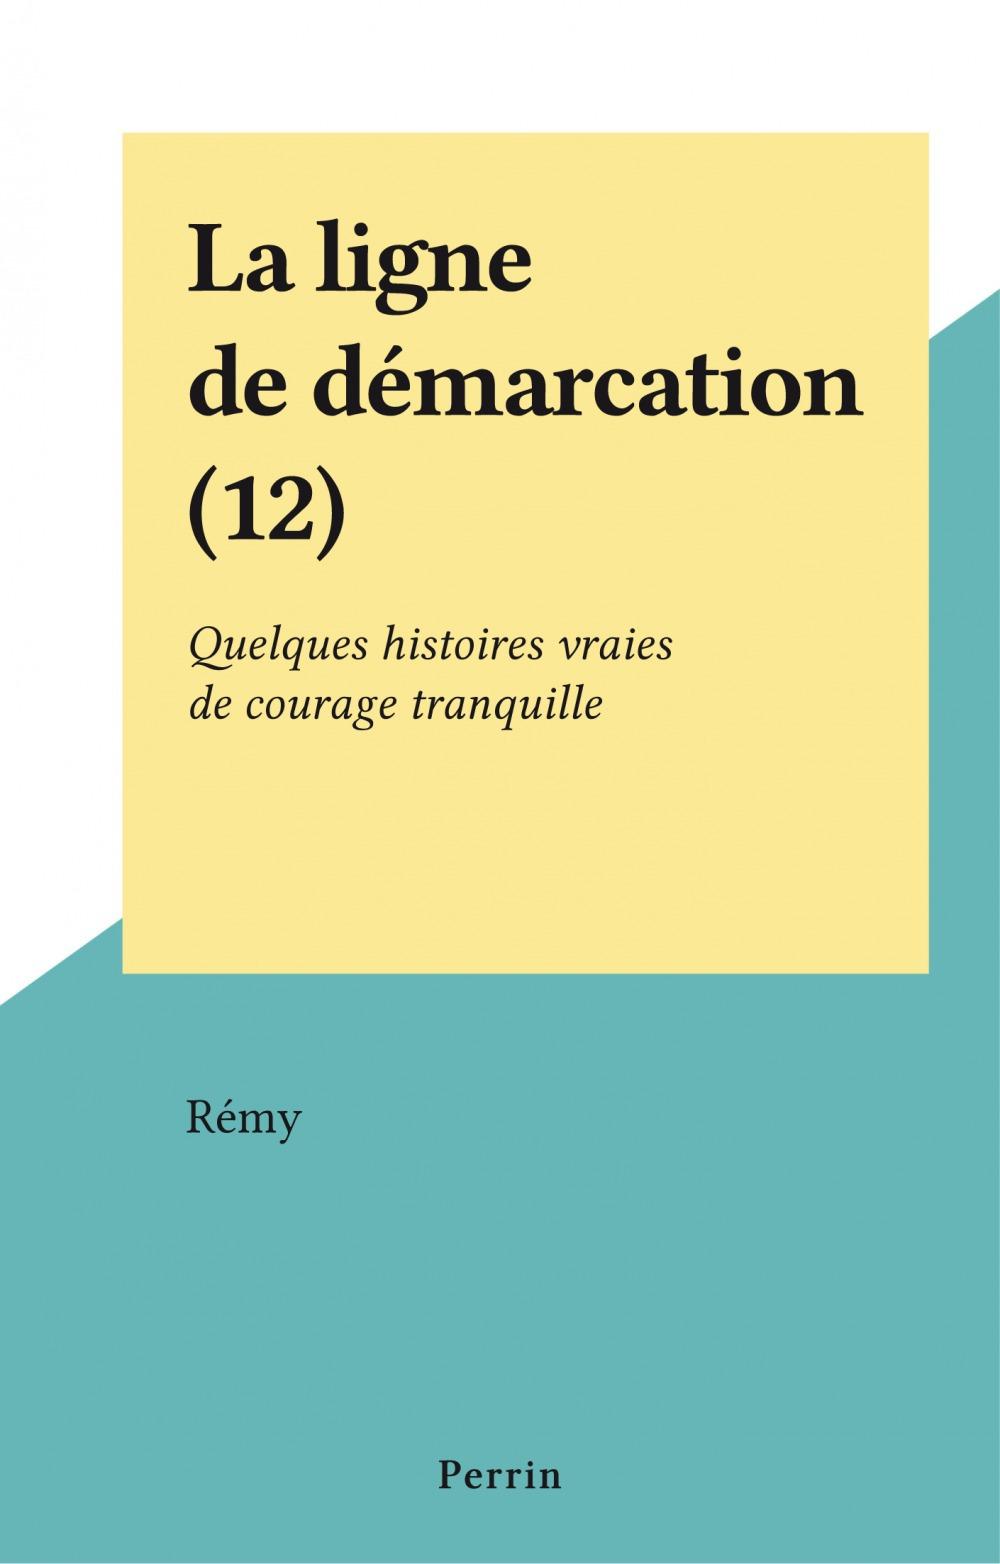 La ligne de démarcation (12)  - Remy